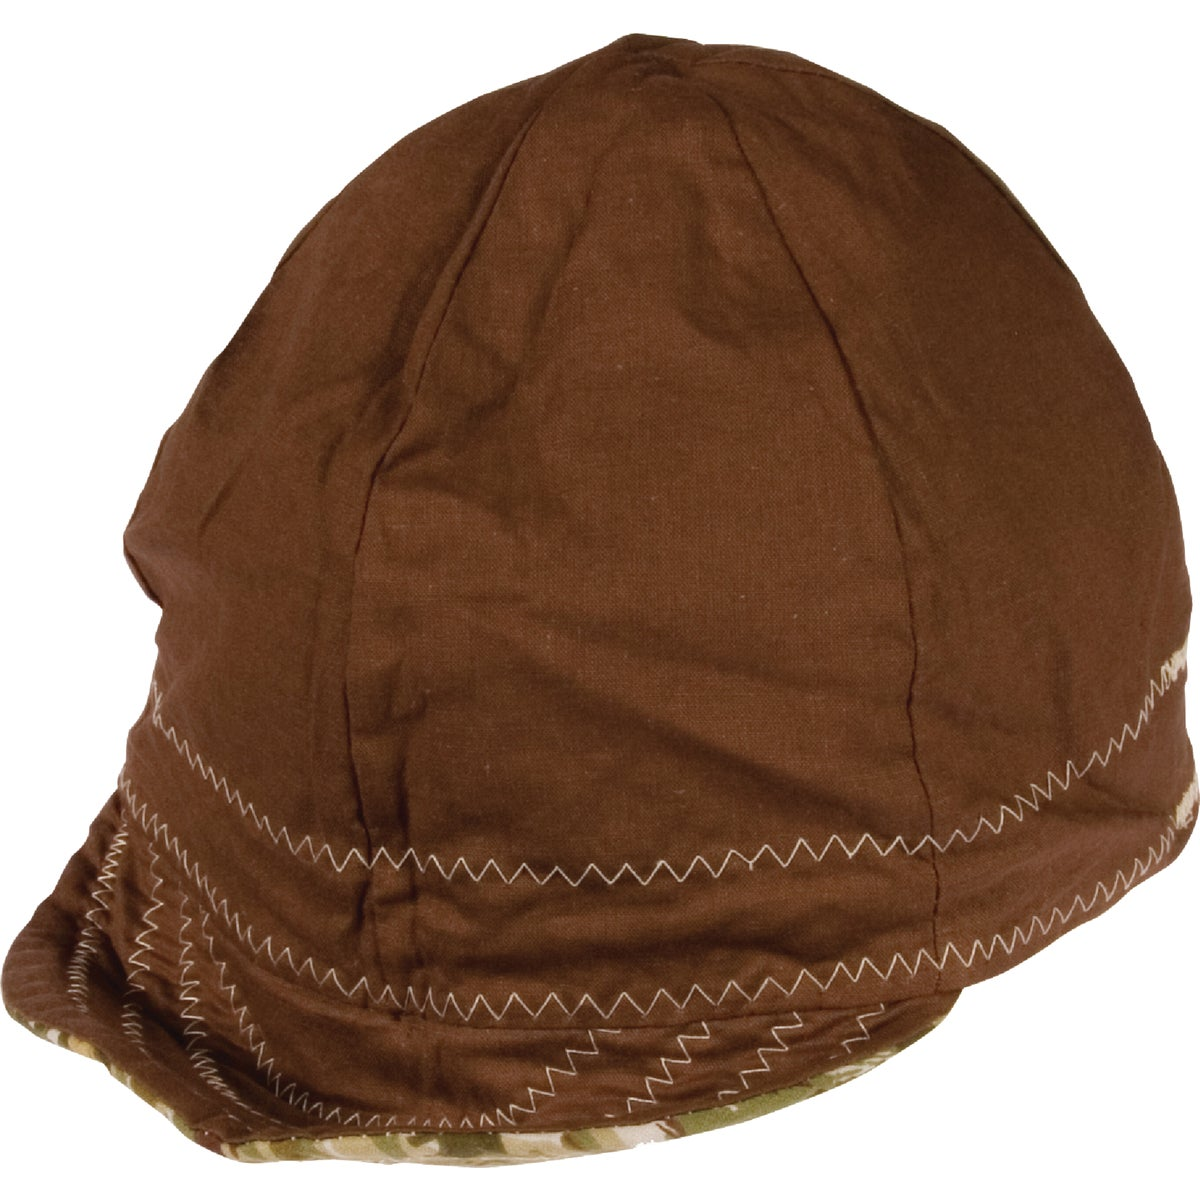 SZ 7-5/8 WELDING CAP